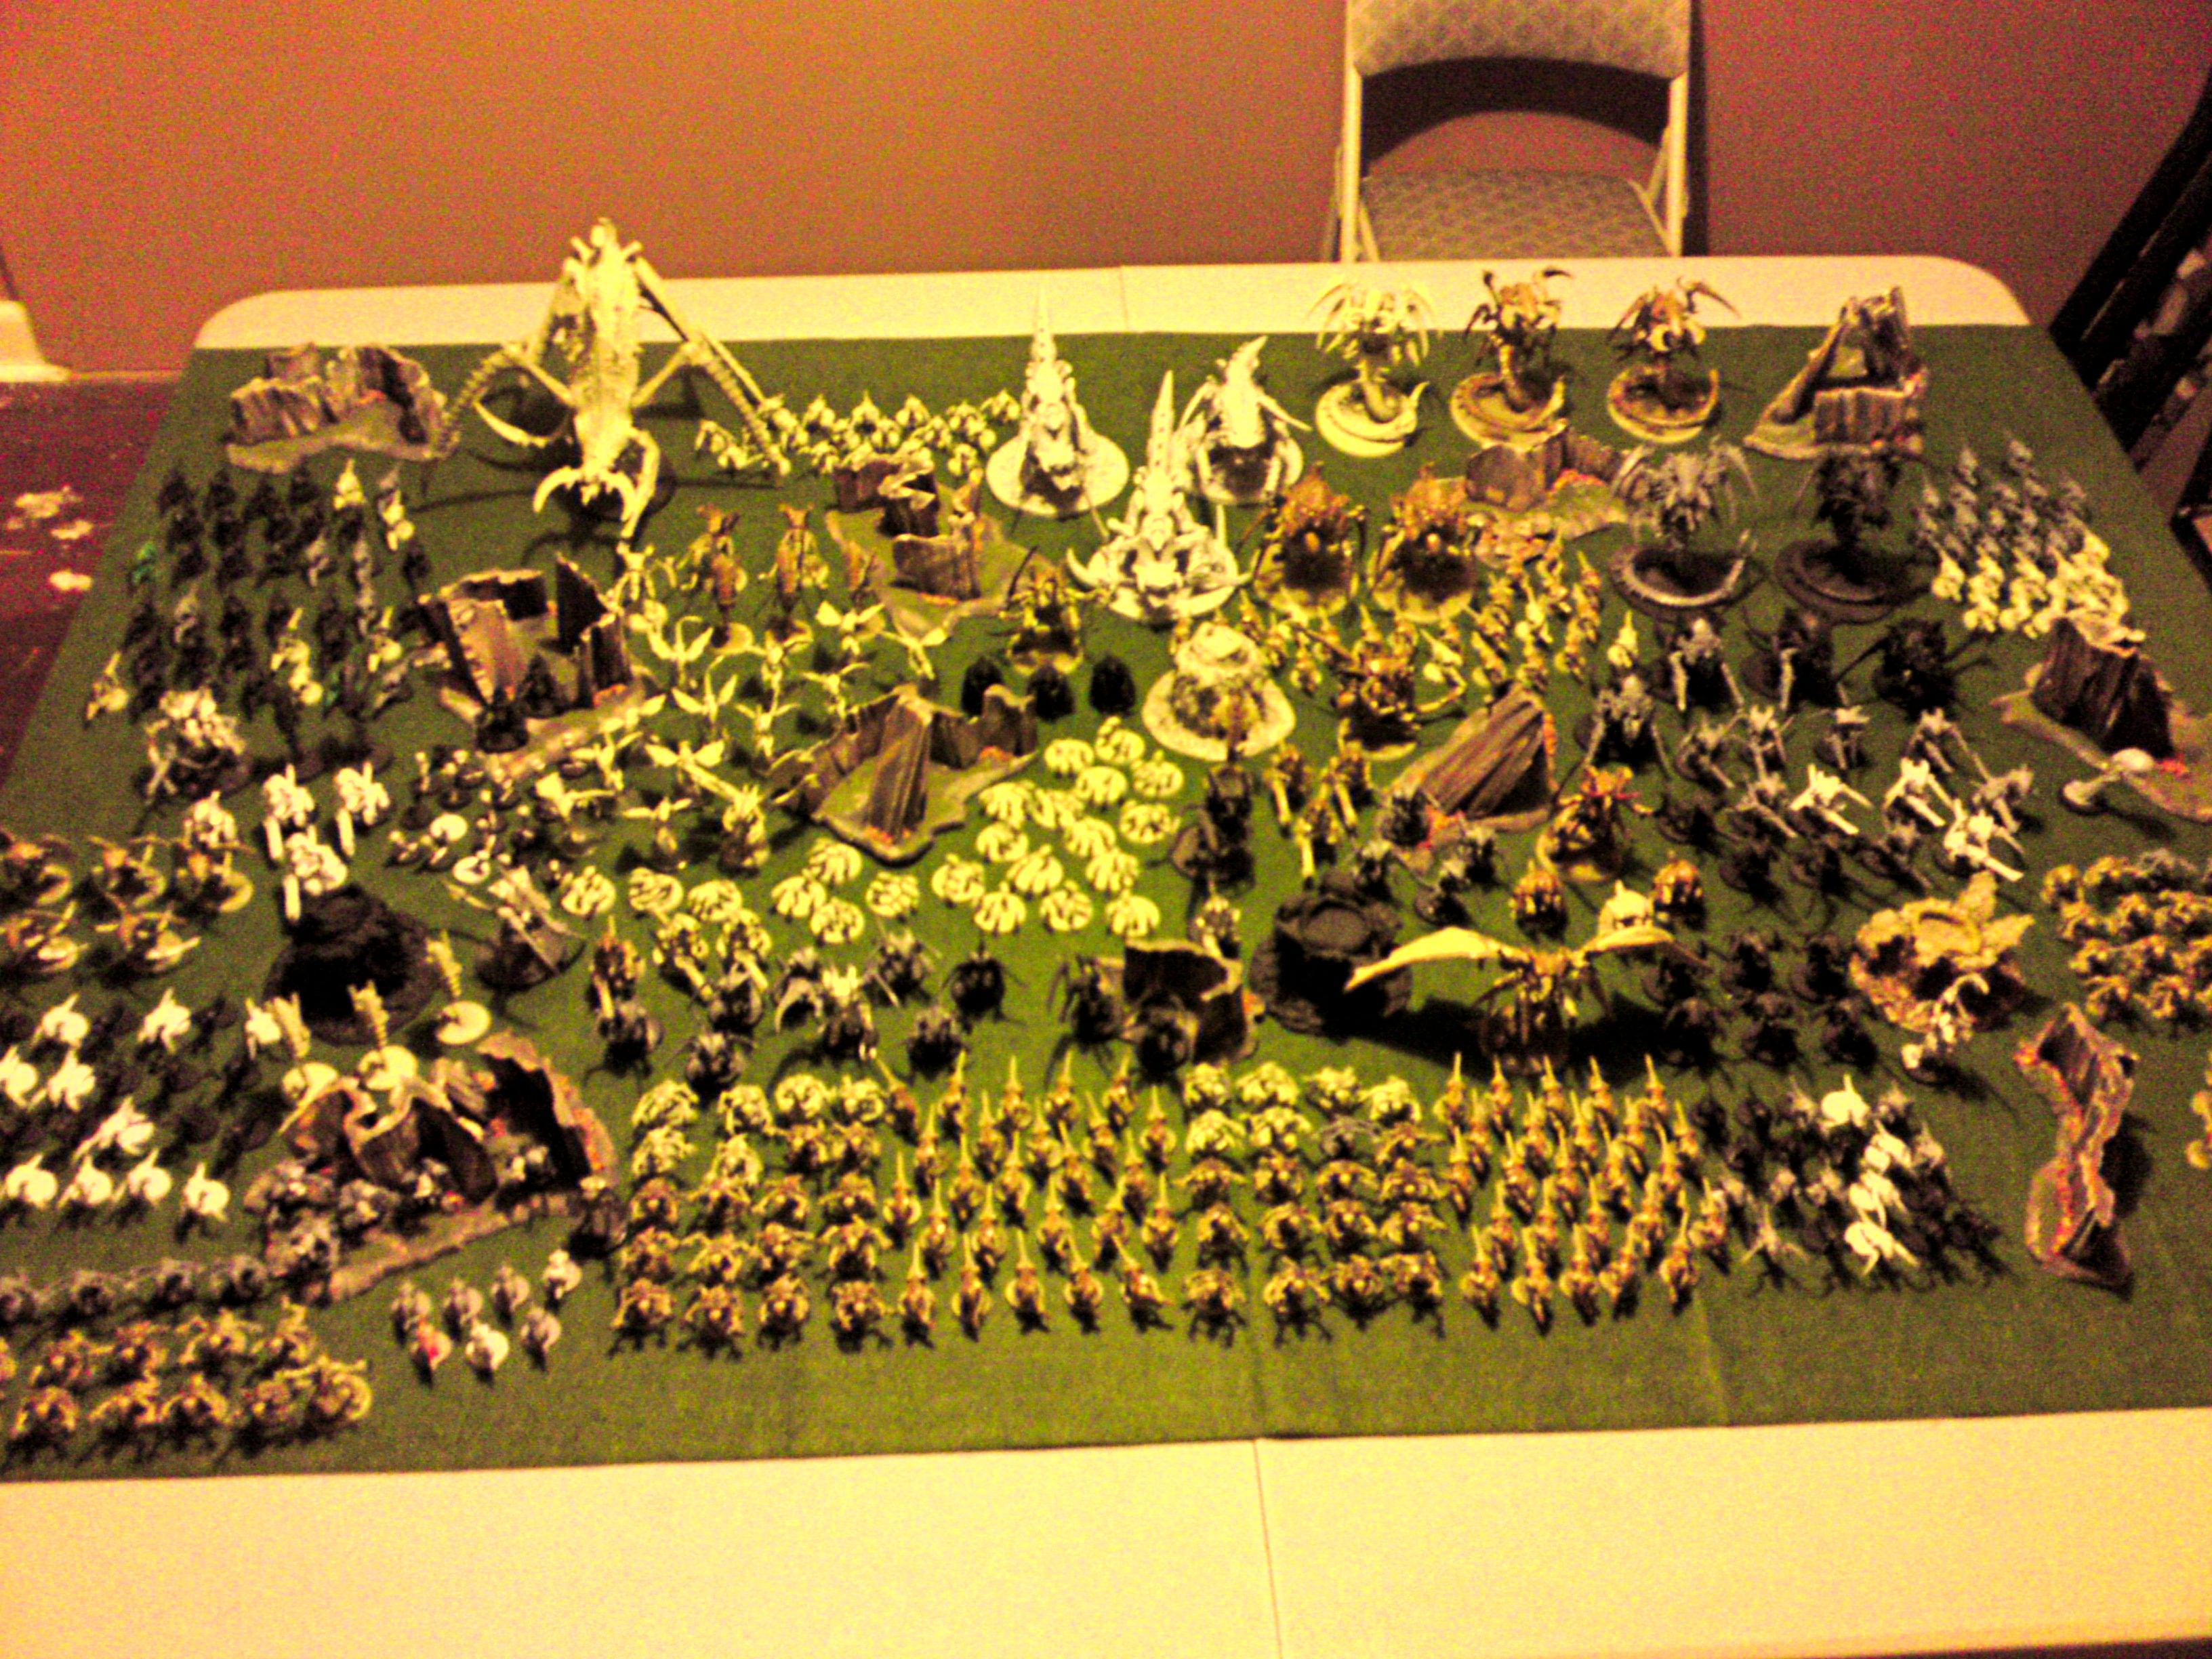 Bugs, Nid, Tyranids, Tyranid Army